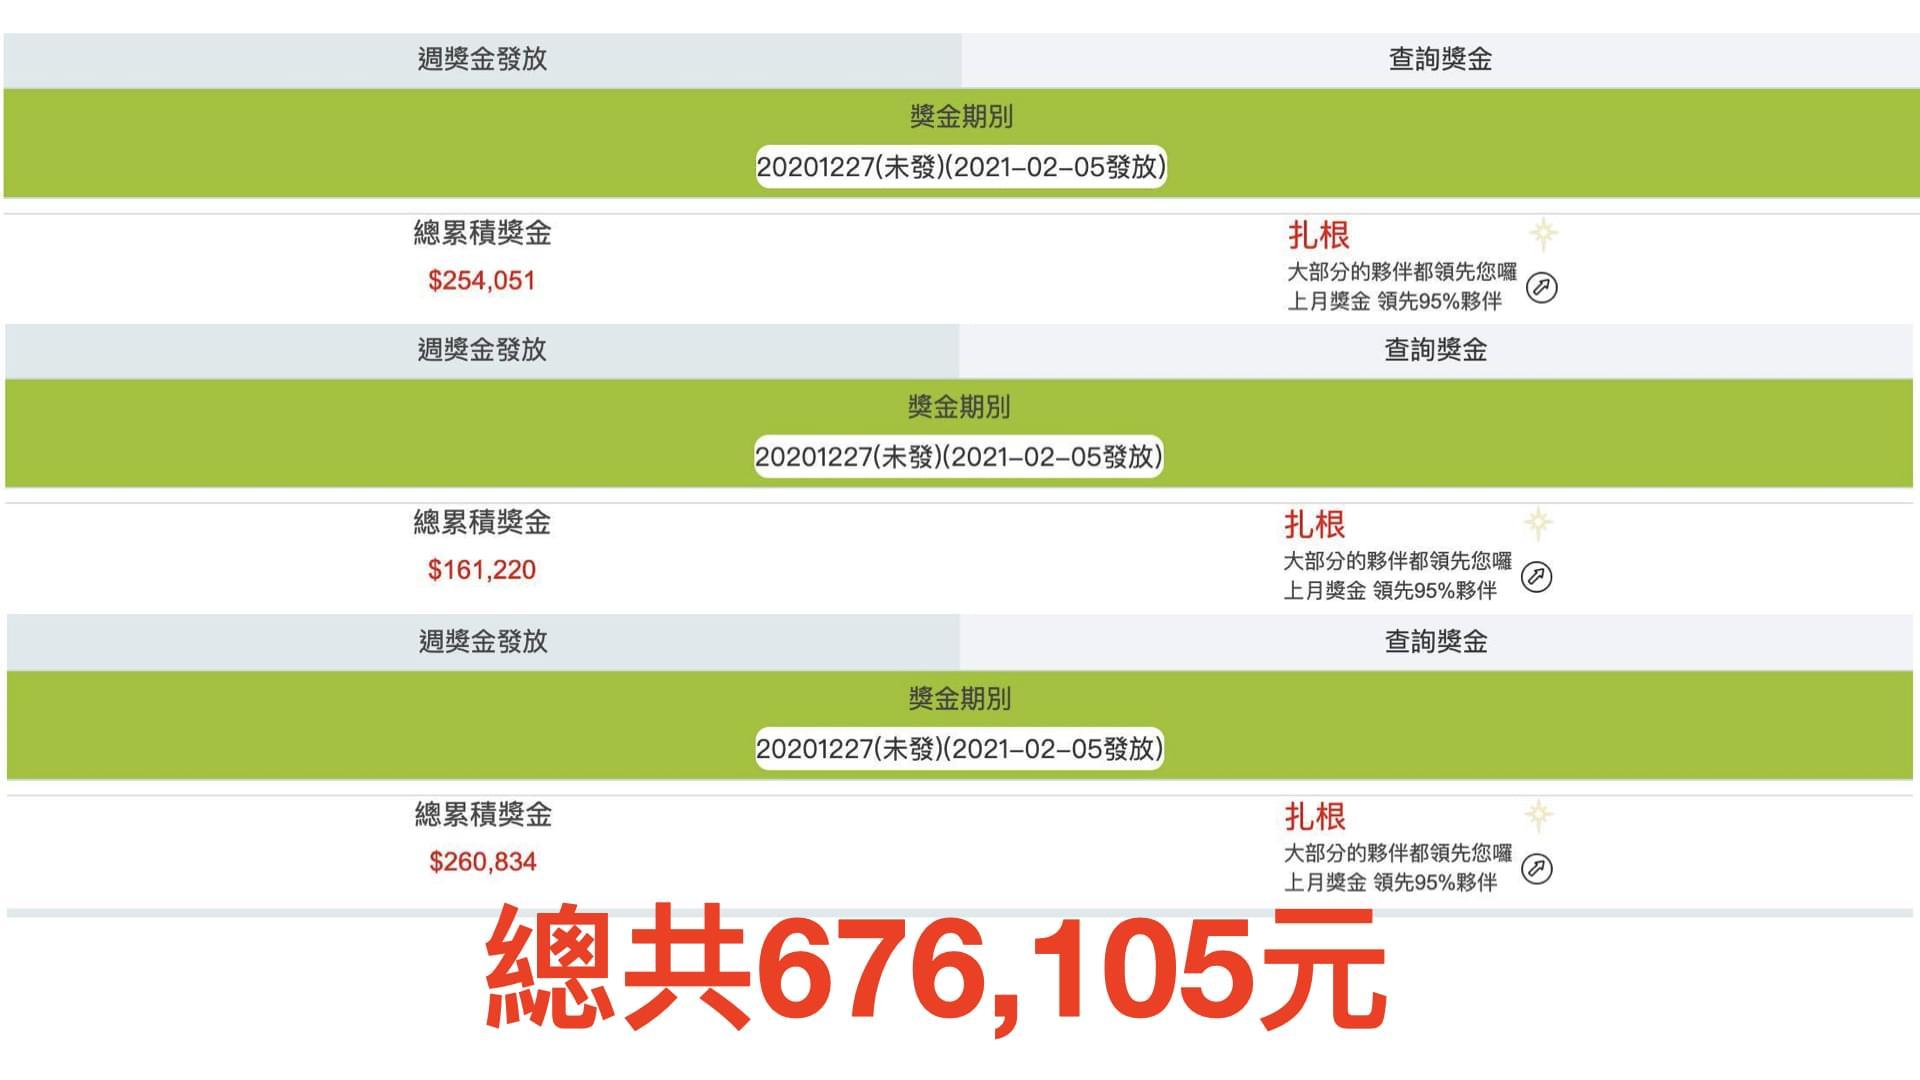 Jian Zheng Tu.008